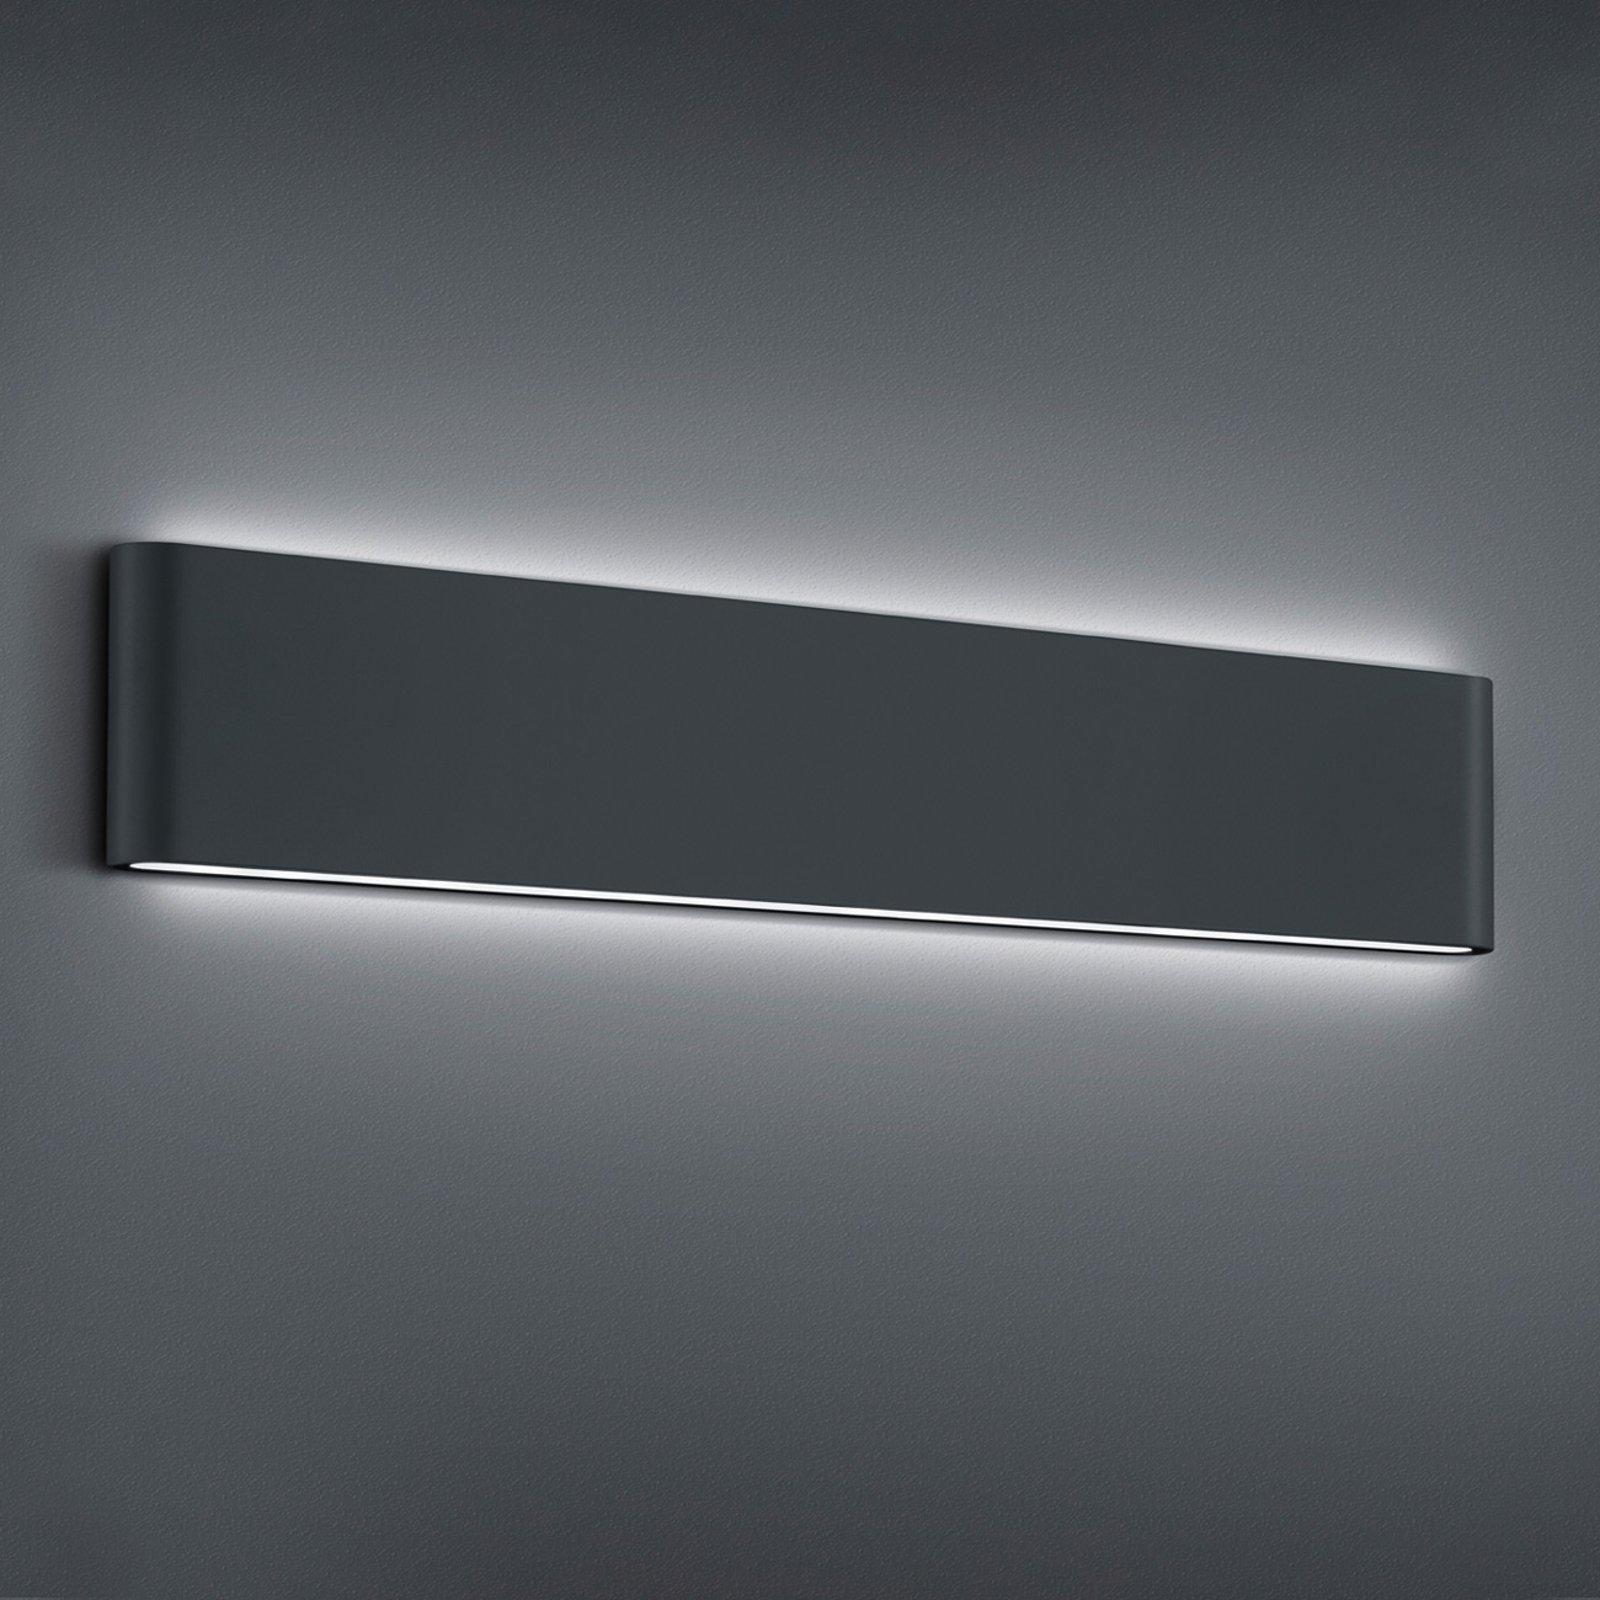 Utendørs LED-vegglampe Thames II, antrasitt